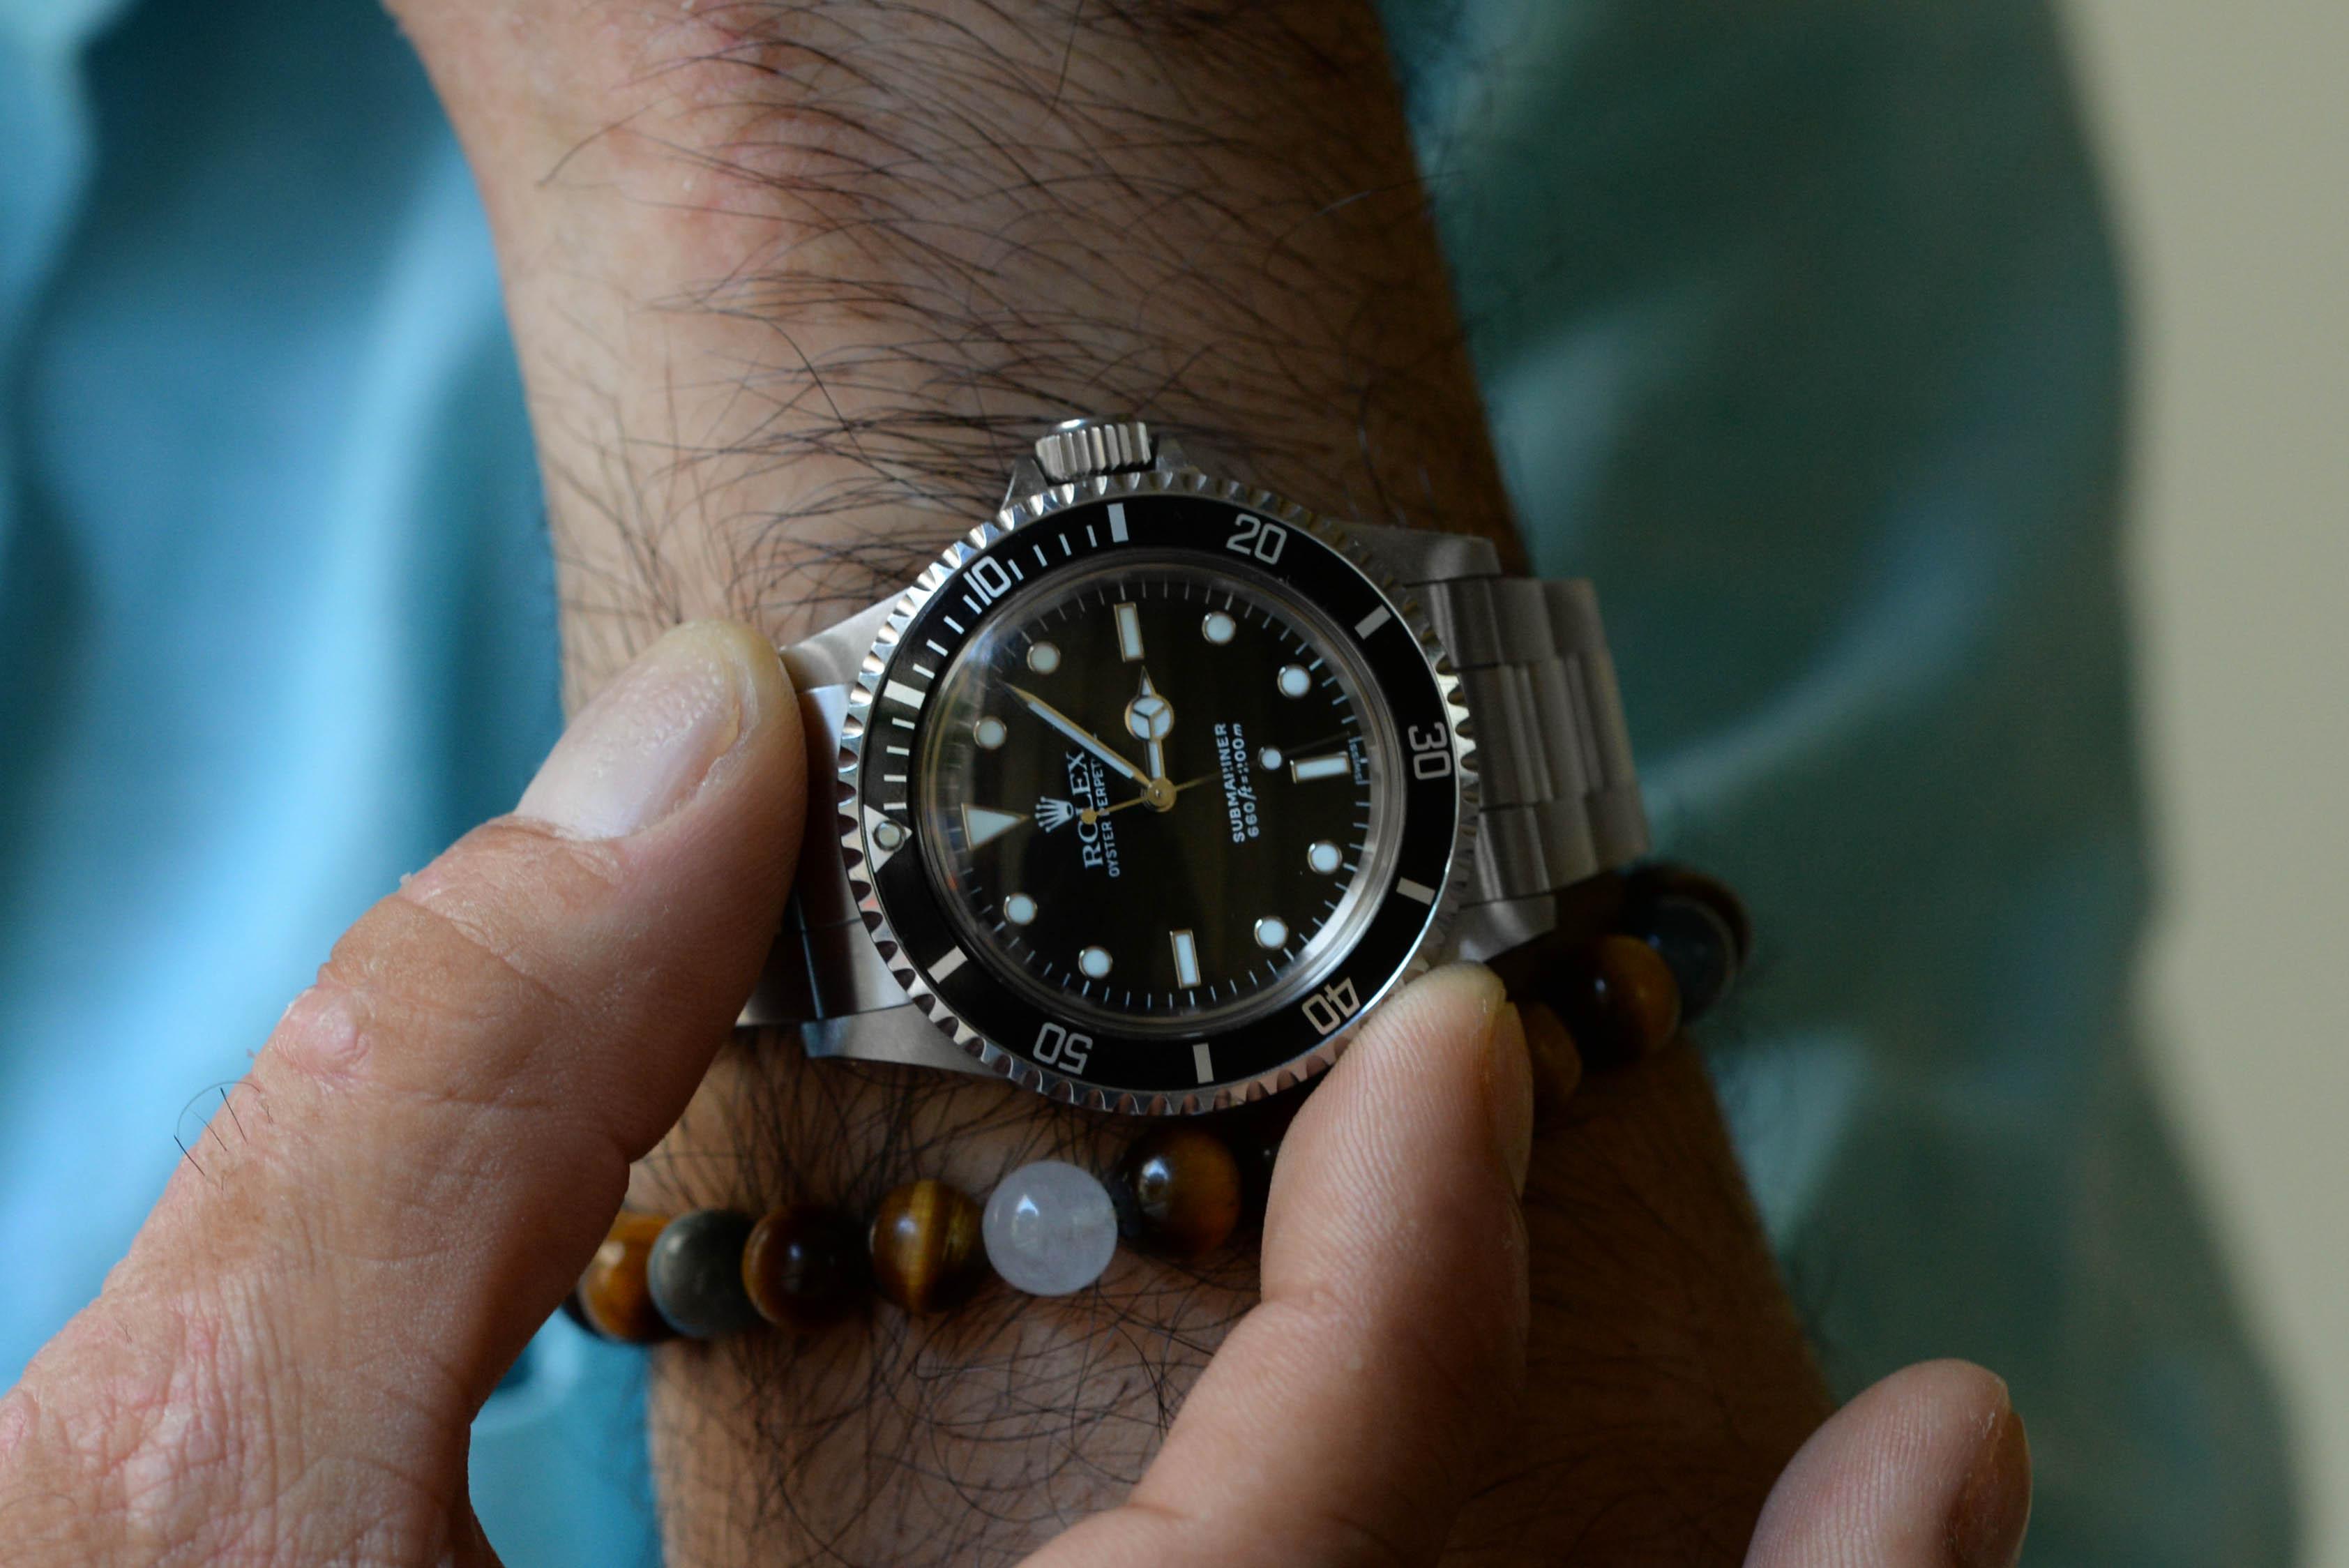 腕時計にも興味がありました